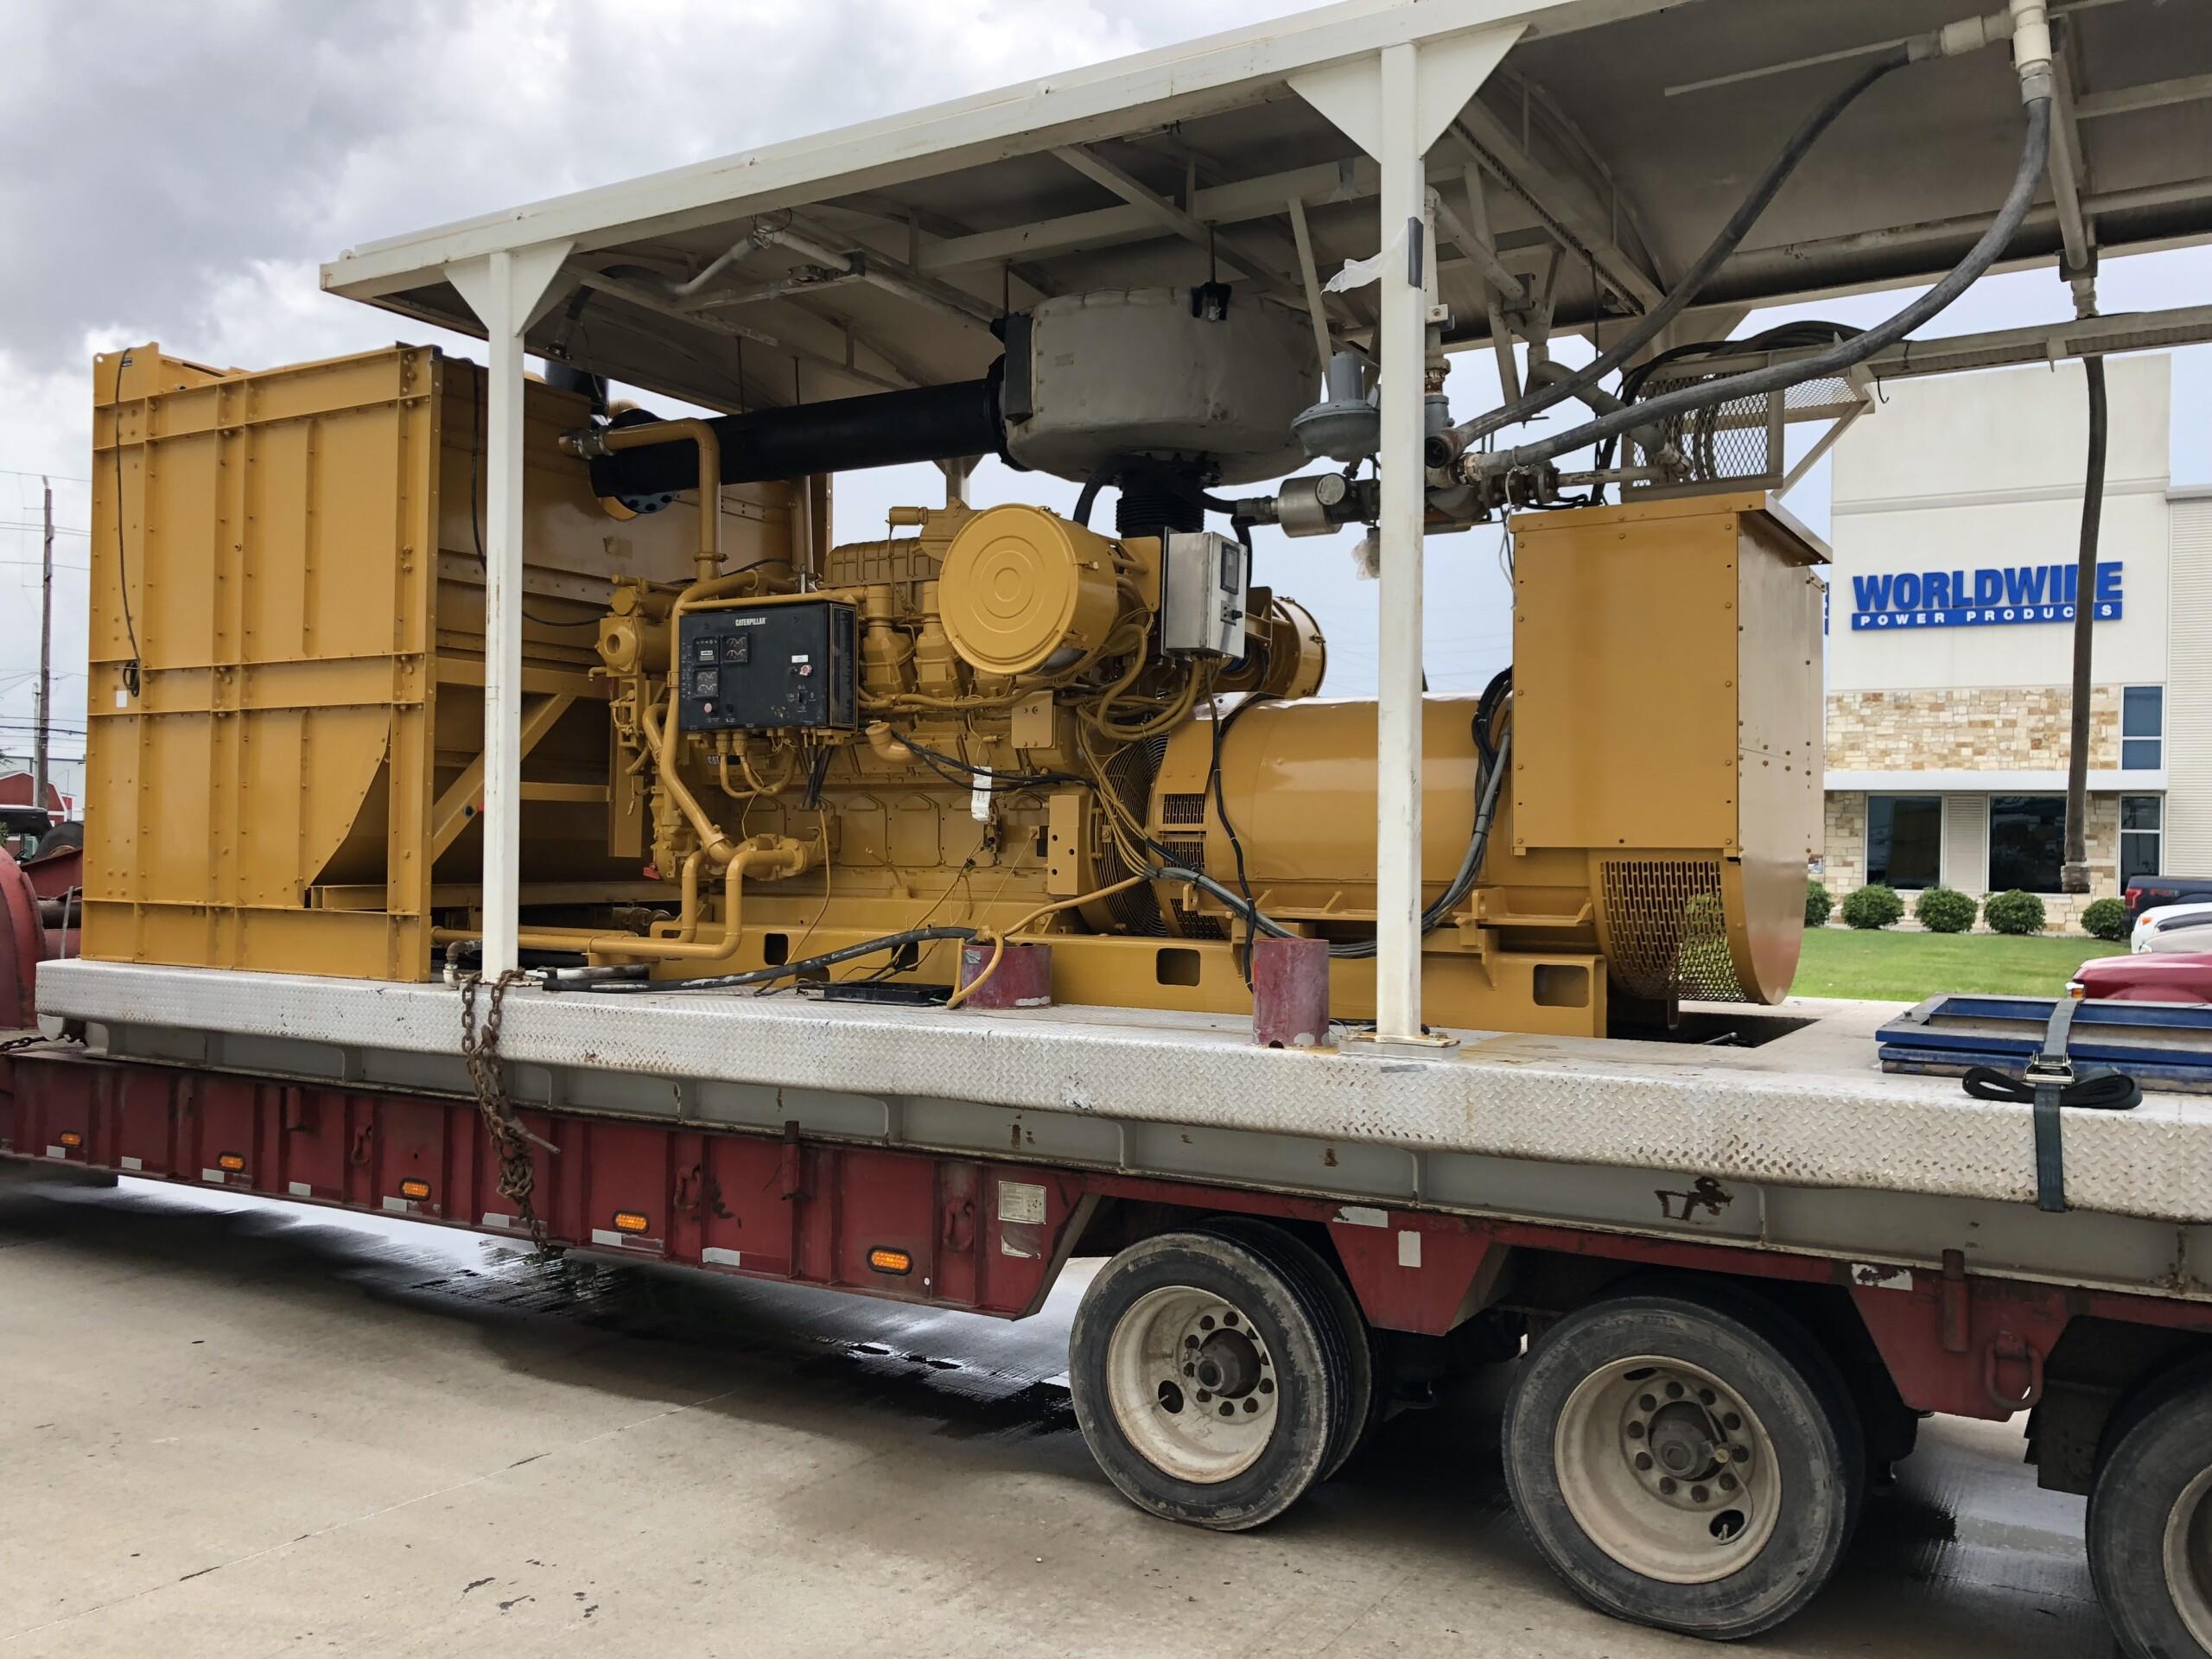 Cat 3512C petroleum generator